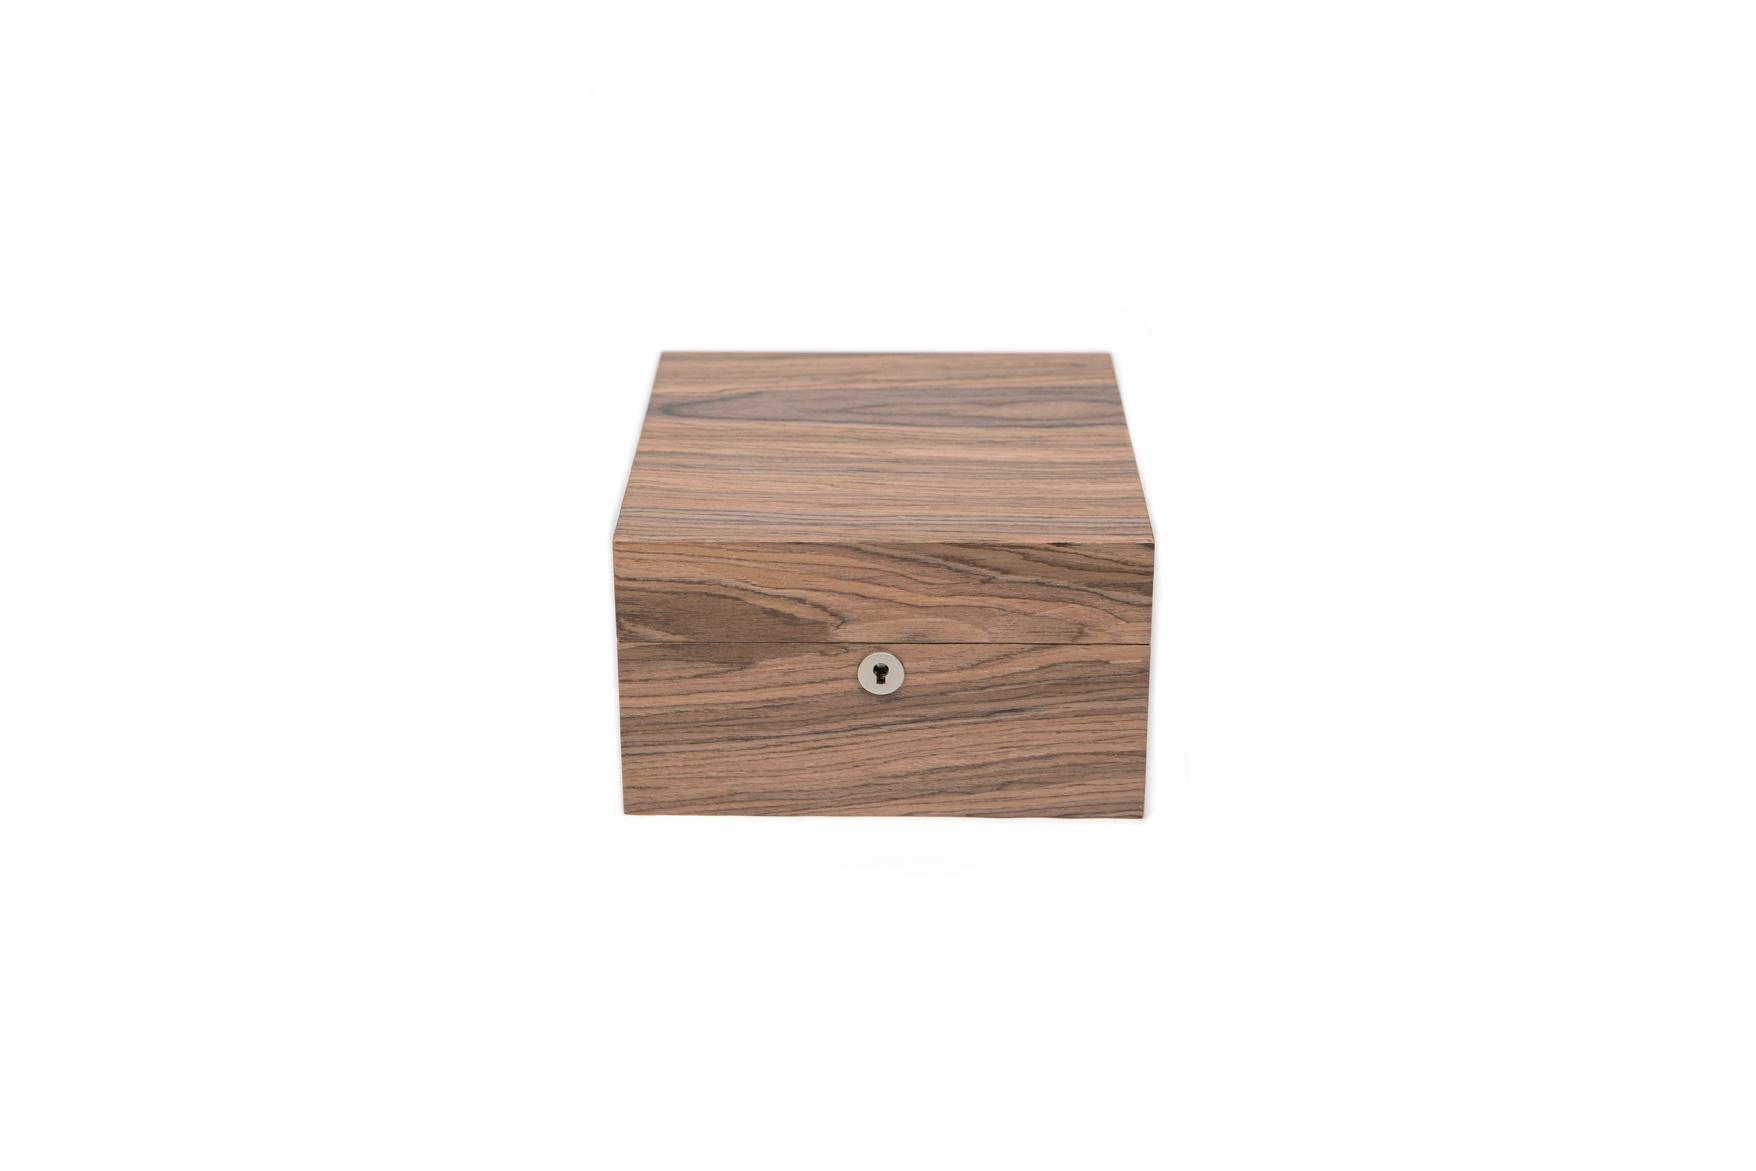 4-Strain Storage Box - Walnut